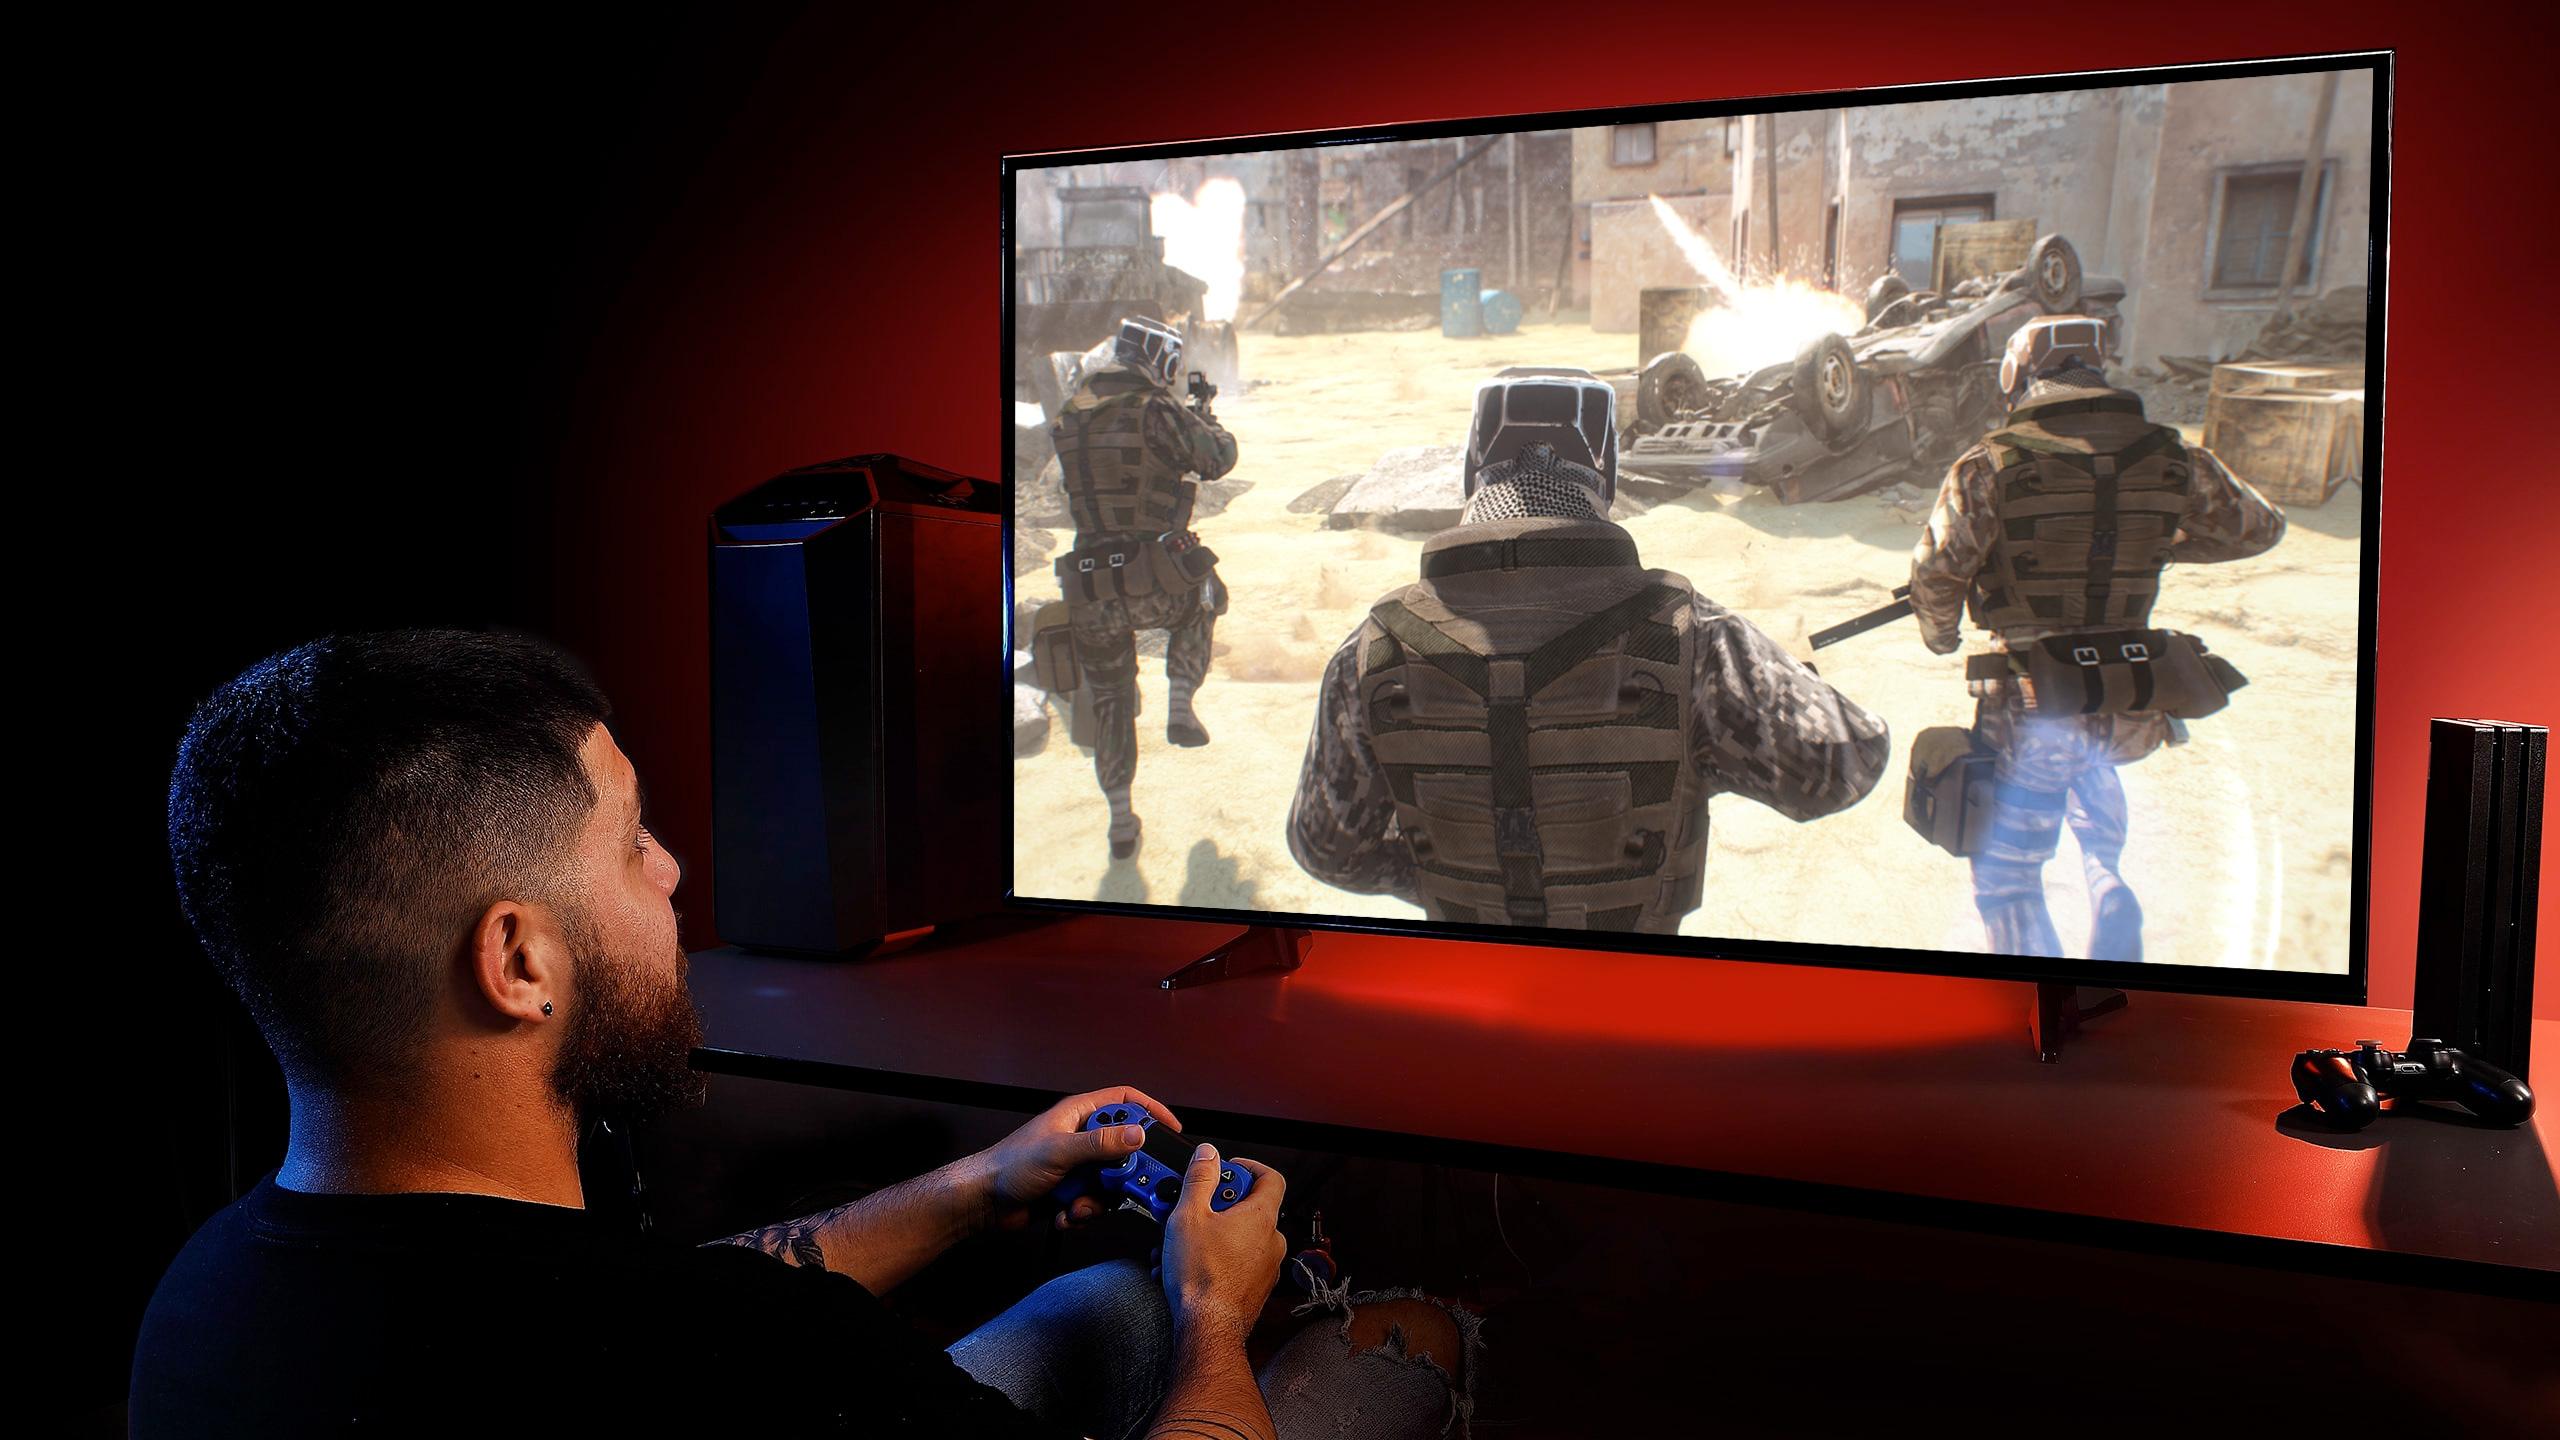 Live Gamer 4K - GC573 | Product | AVerMedia